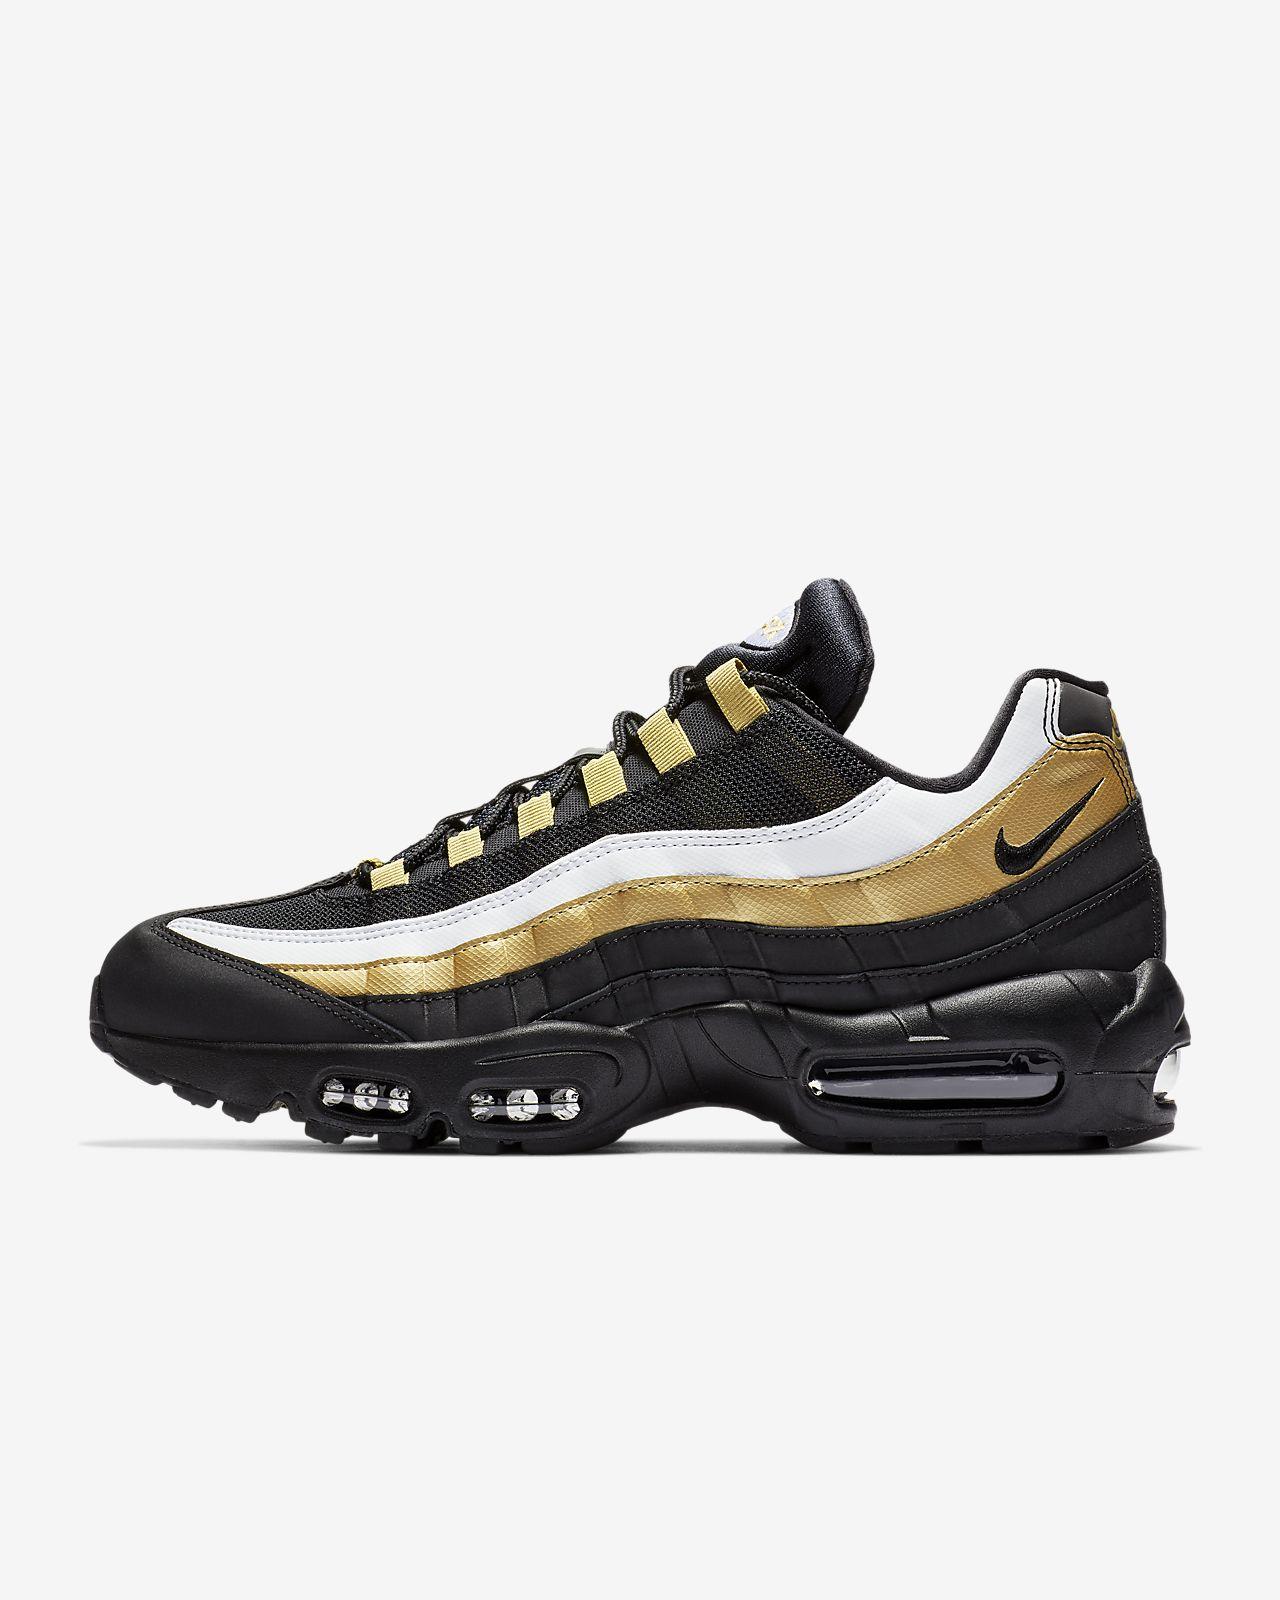 Nike Air Max 95 OG Schuh